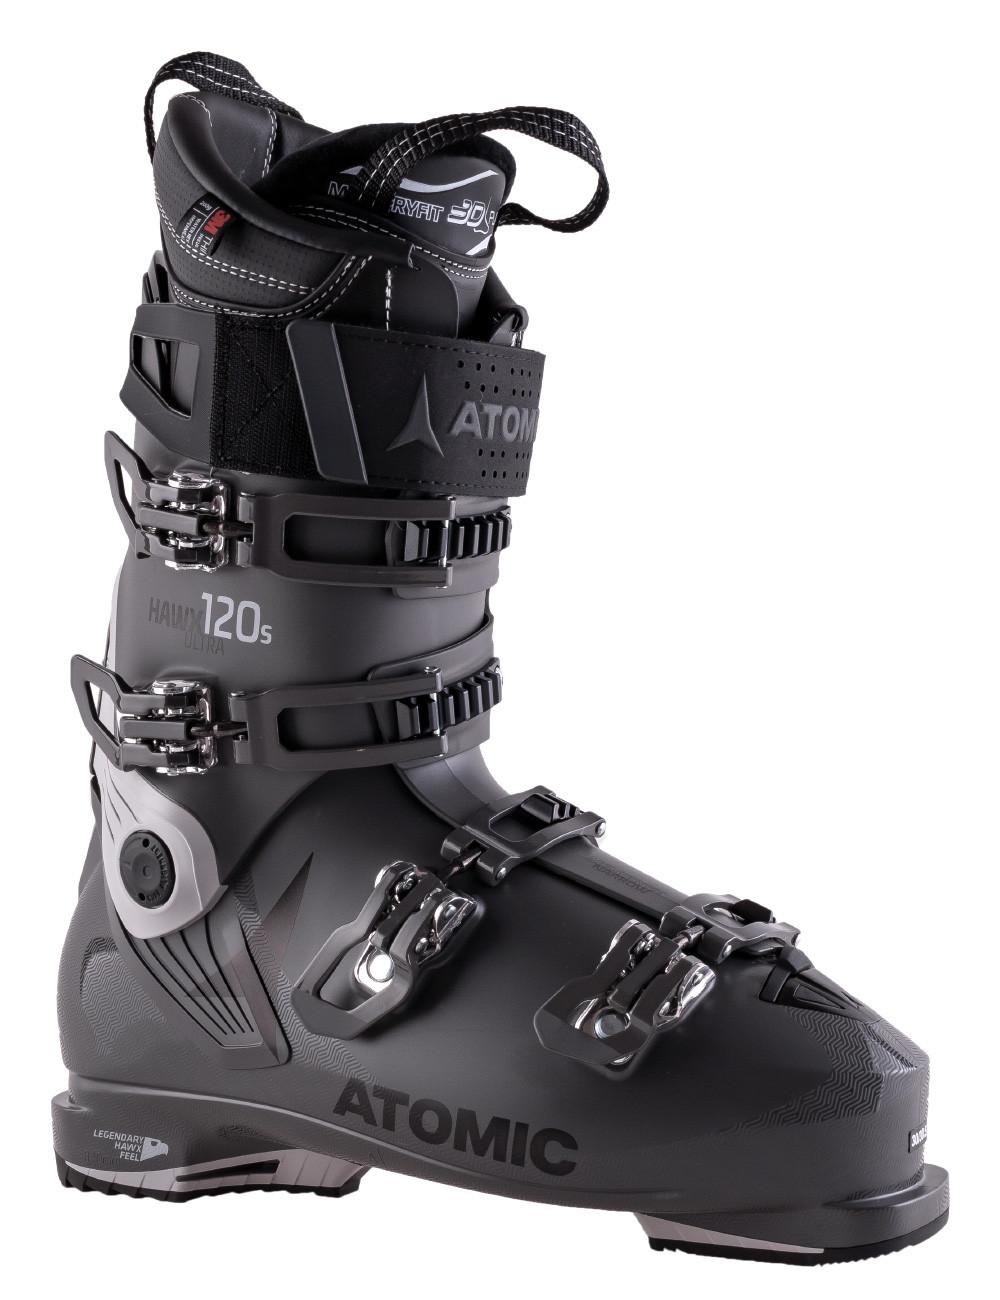 low priced 2765d ed7f2 Buty narciarskie Atomic Hawx Ultra 120 S